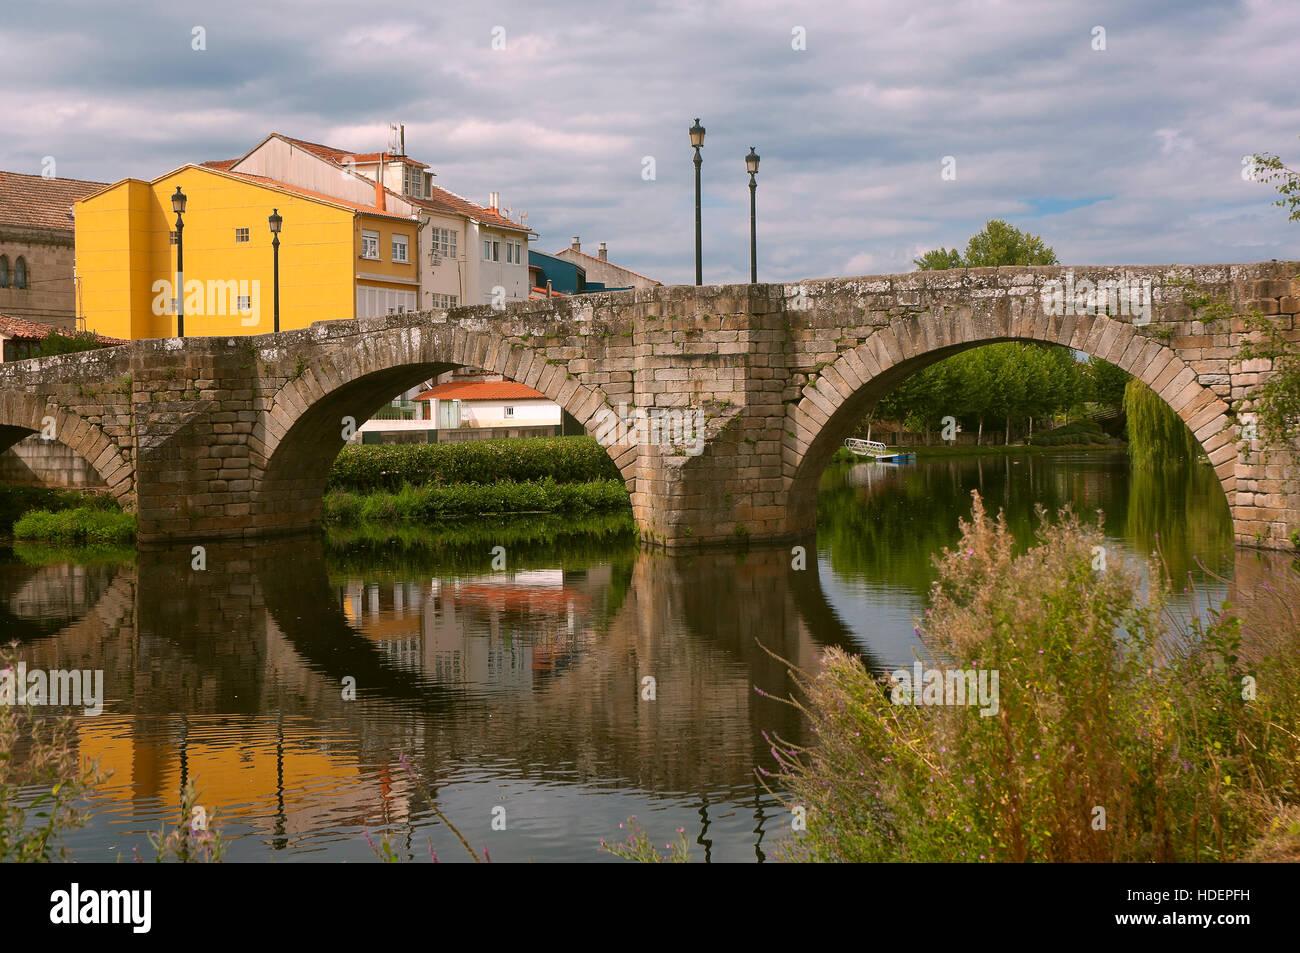 Cabe river and Ponte Vella, Monforte de Lemos, Lugo province, Region of Galicia, Spain, Europe - Stock Image